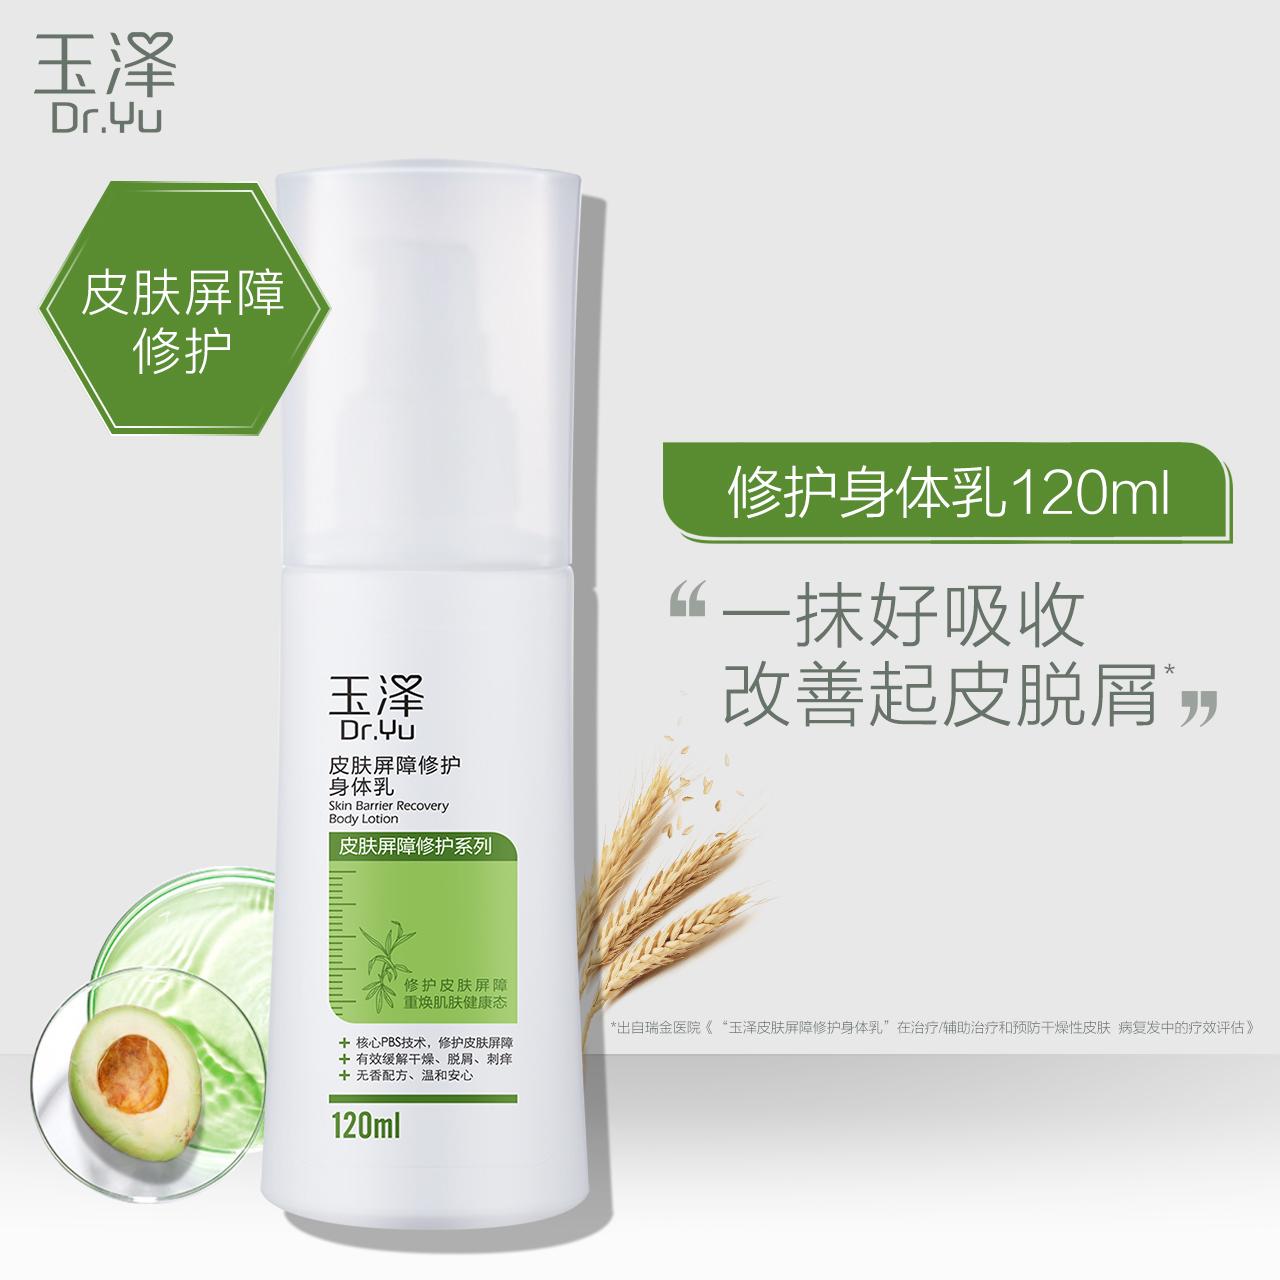 玉泽皮肤屏障修护身体乳120ml 全身女滋润保湿 护肤甘油正品